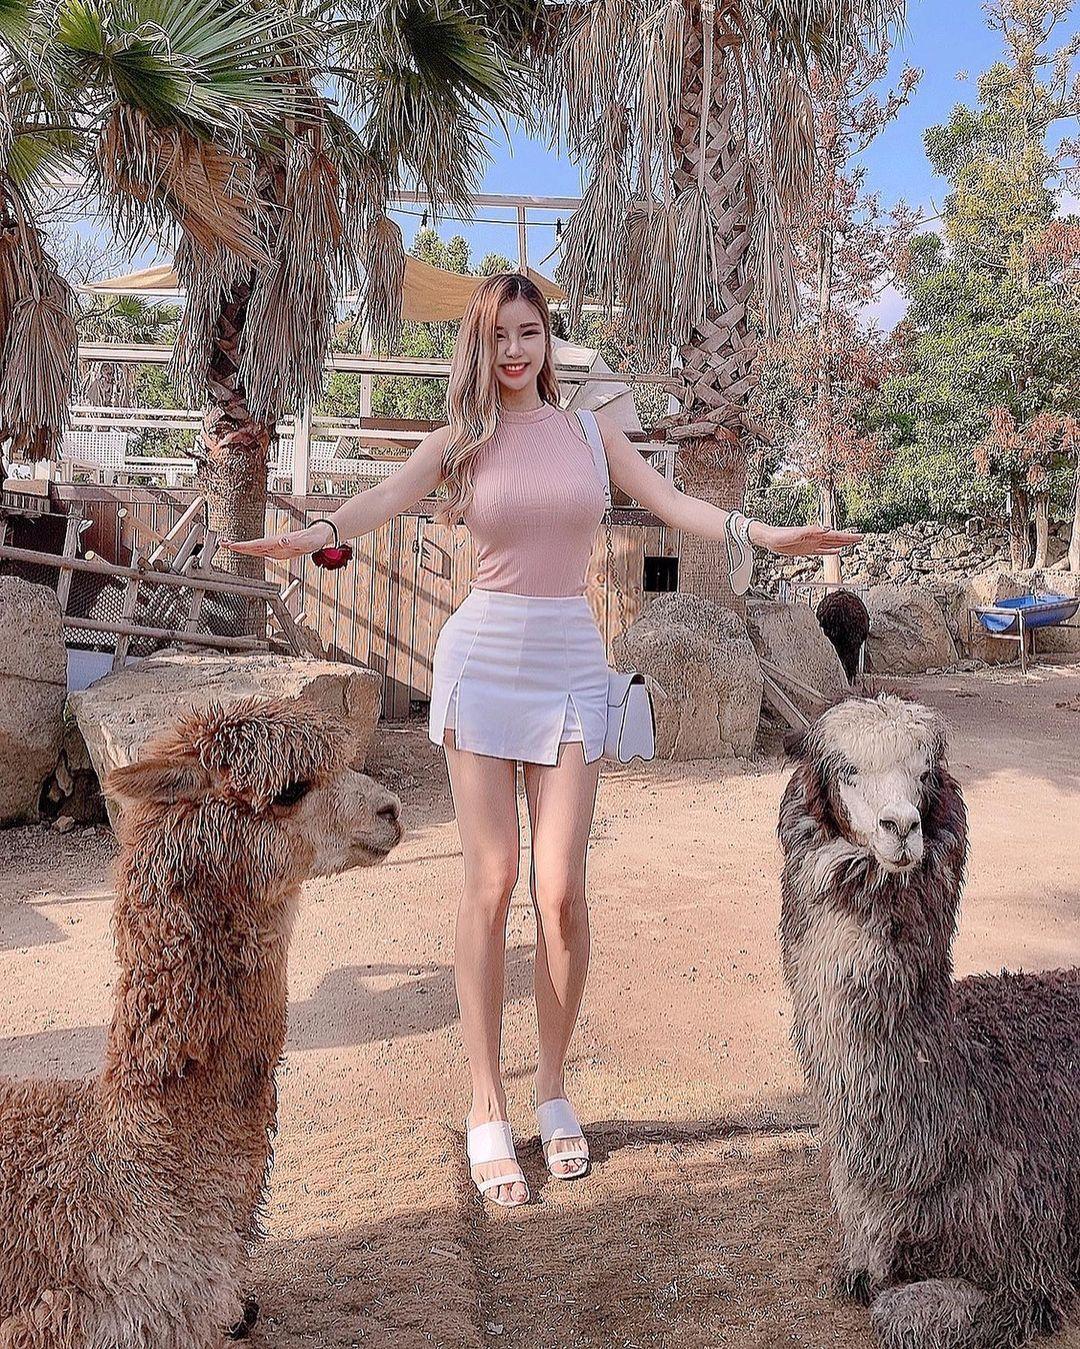 草尼马真的好大!韩国的网红美女차차和巨型羊驼合照网友:旁边是双峰骆驼?-新图包